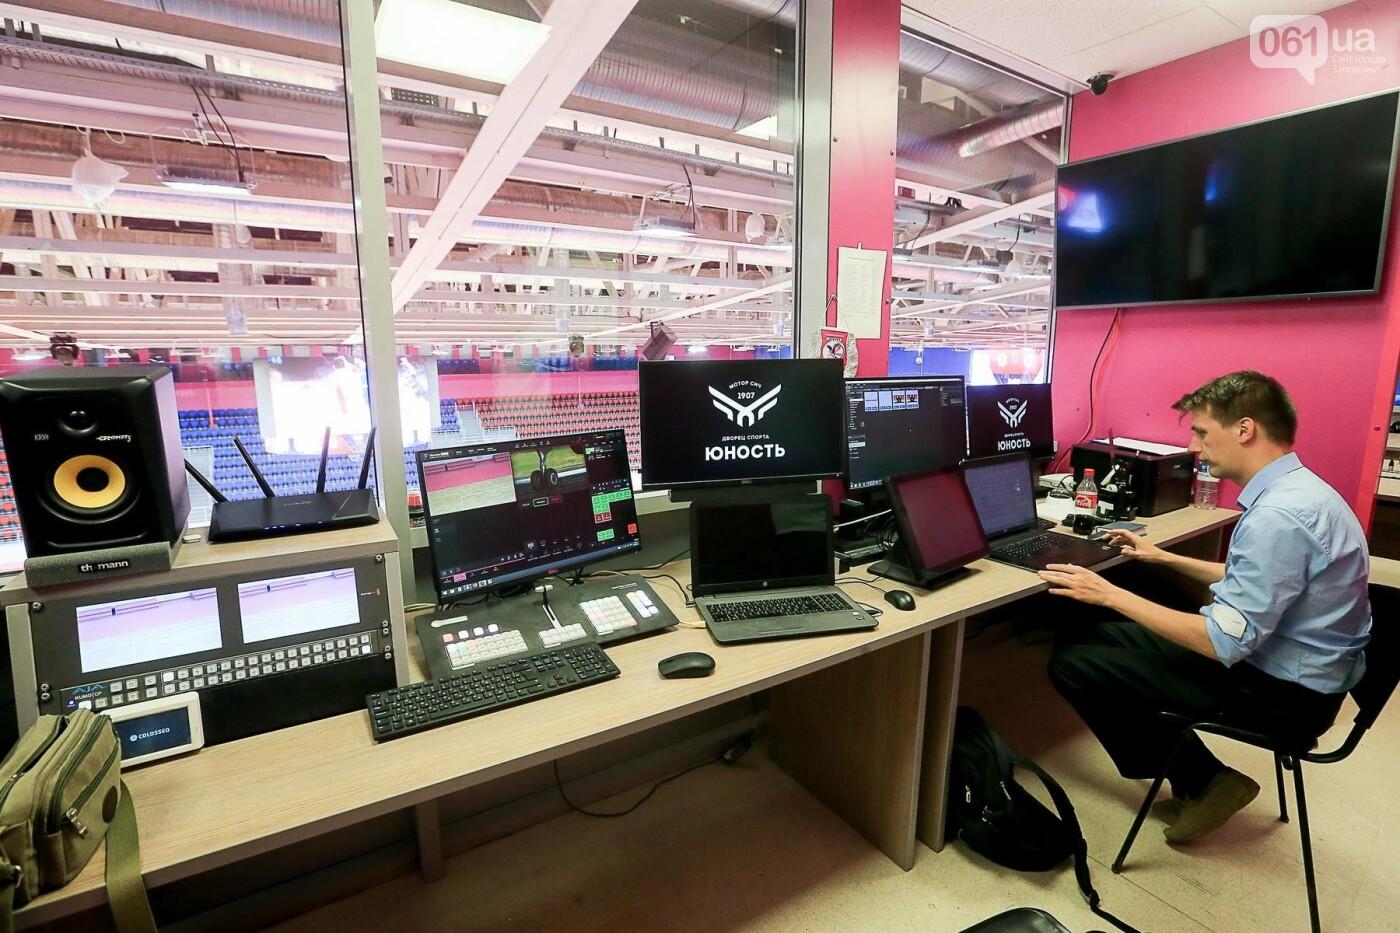 Представители Европейской гандбольной федерации проинспектировали запорожскую «Юность», - ФОТО, фото-9